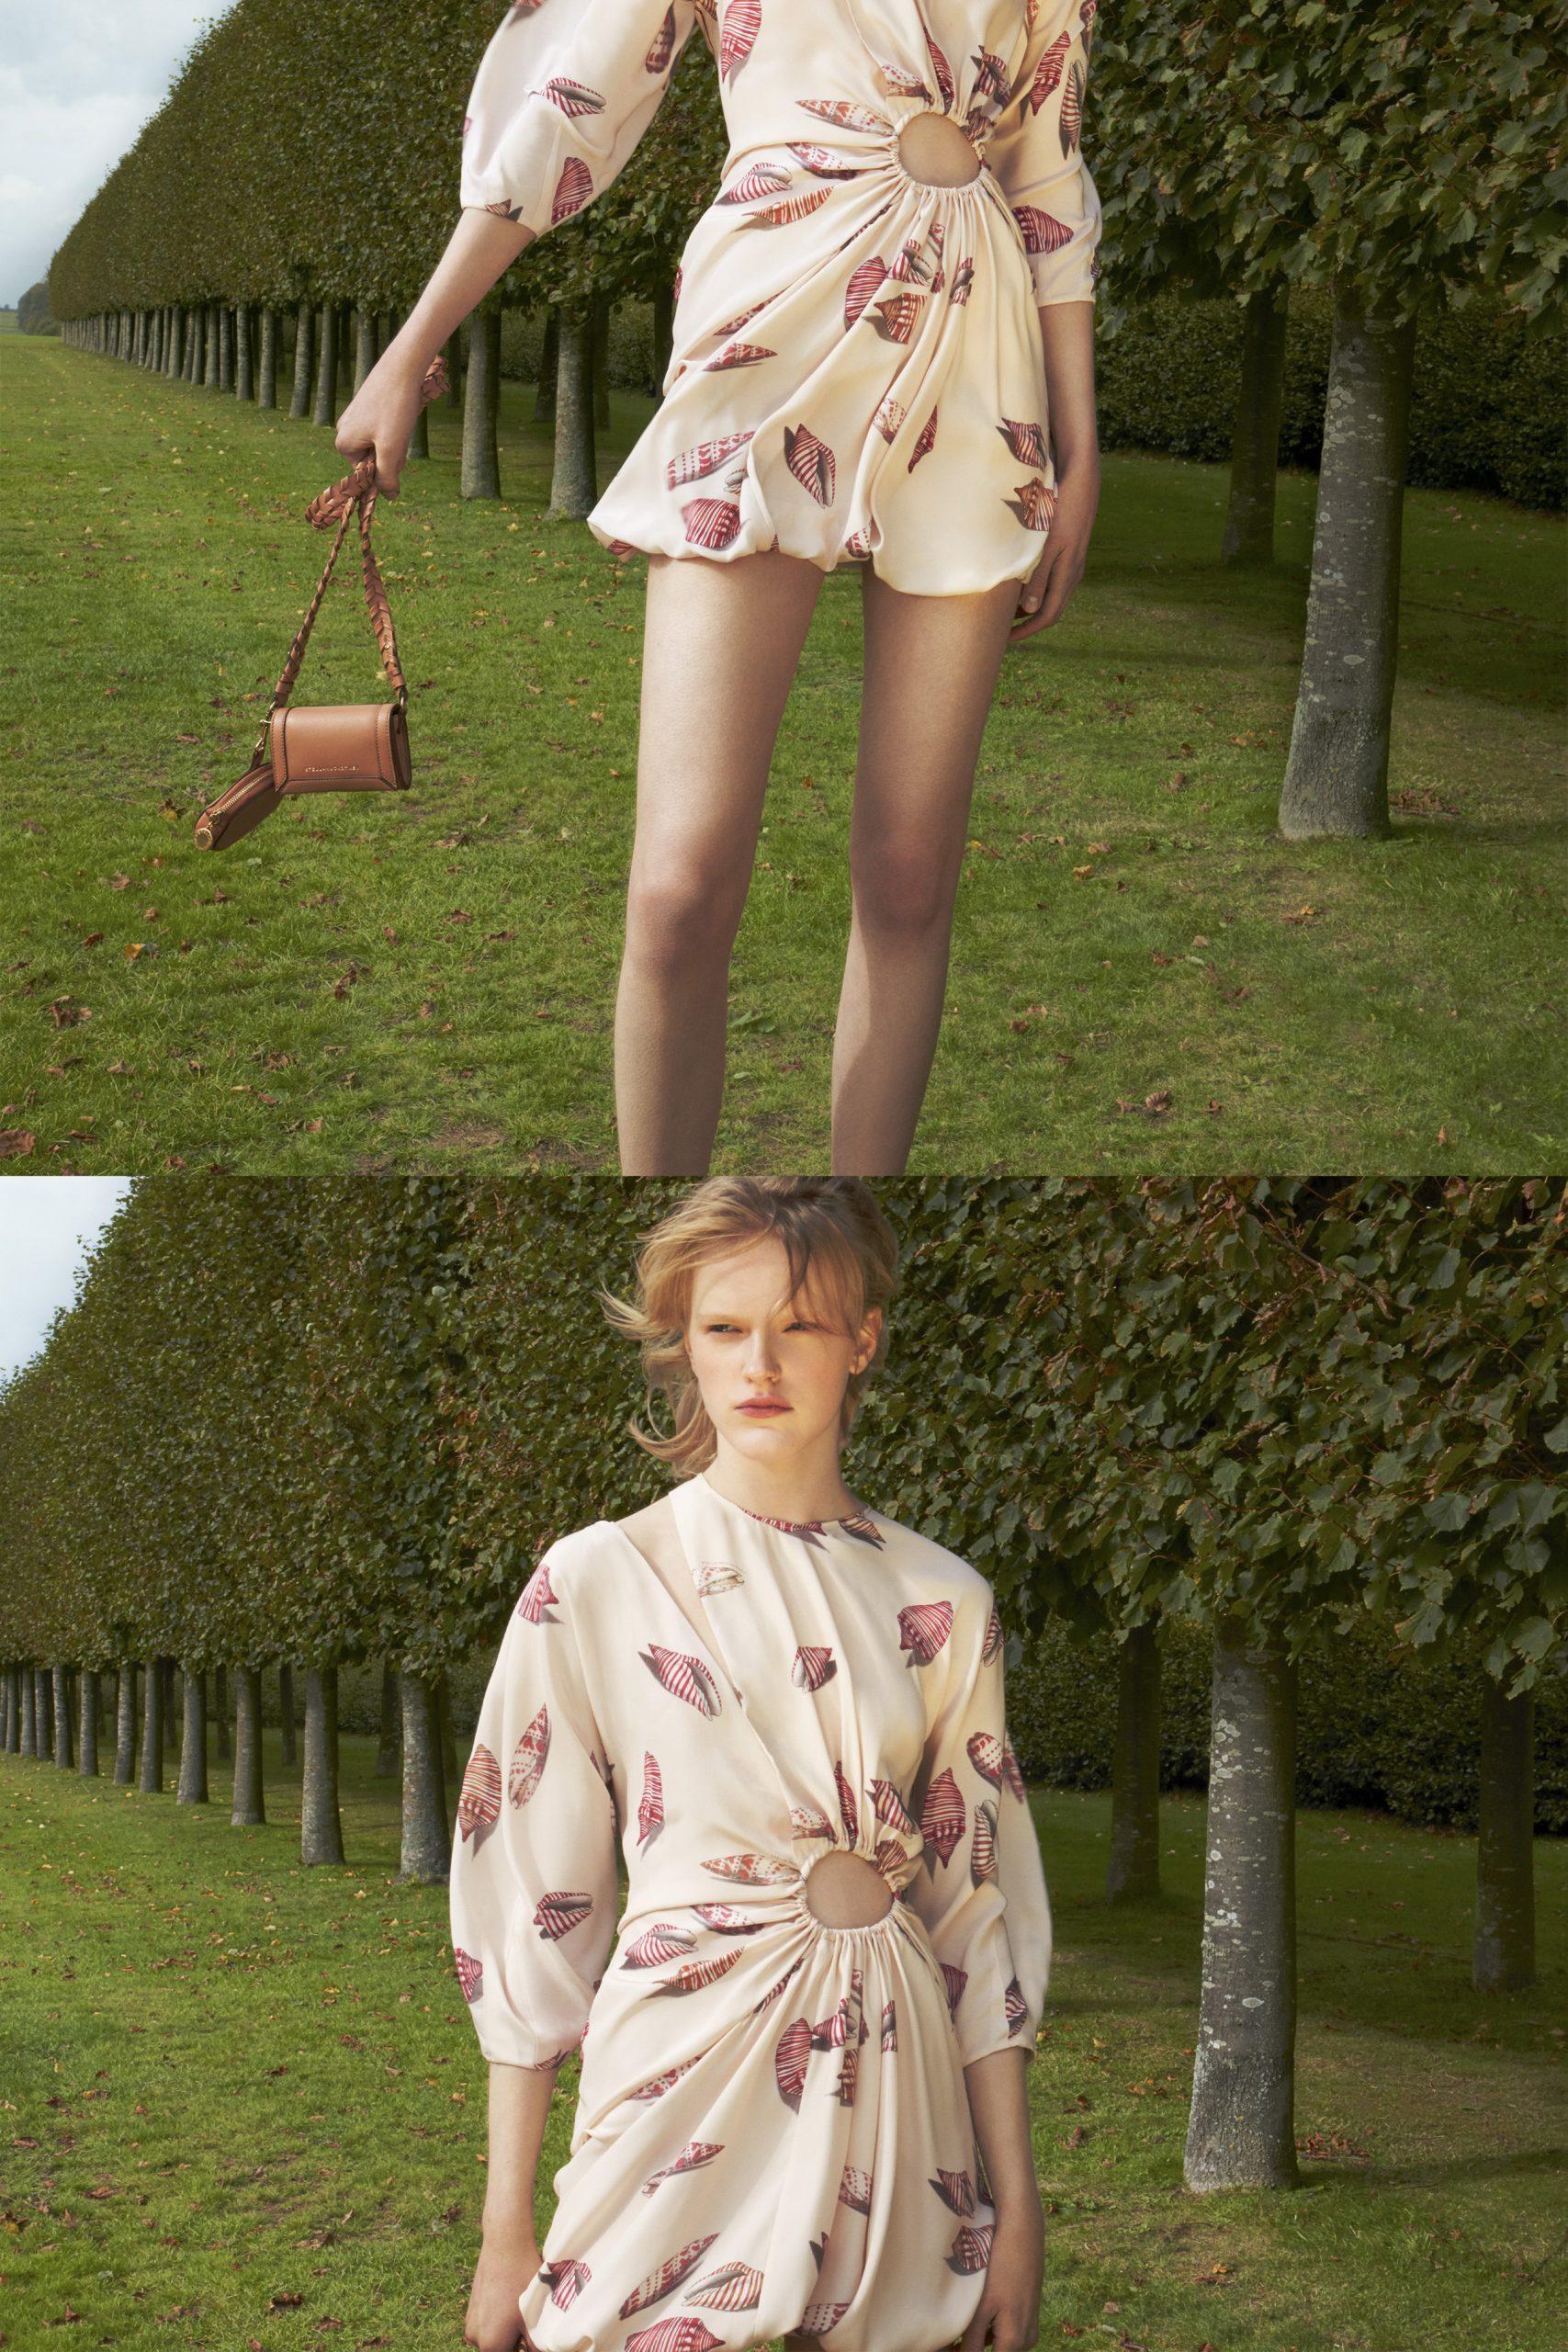 19. kép: Párizsi divathét - 2021-es tavaszi-nyári ready to wear kollekció - Stella McCartney